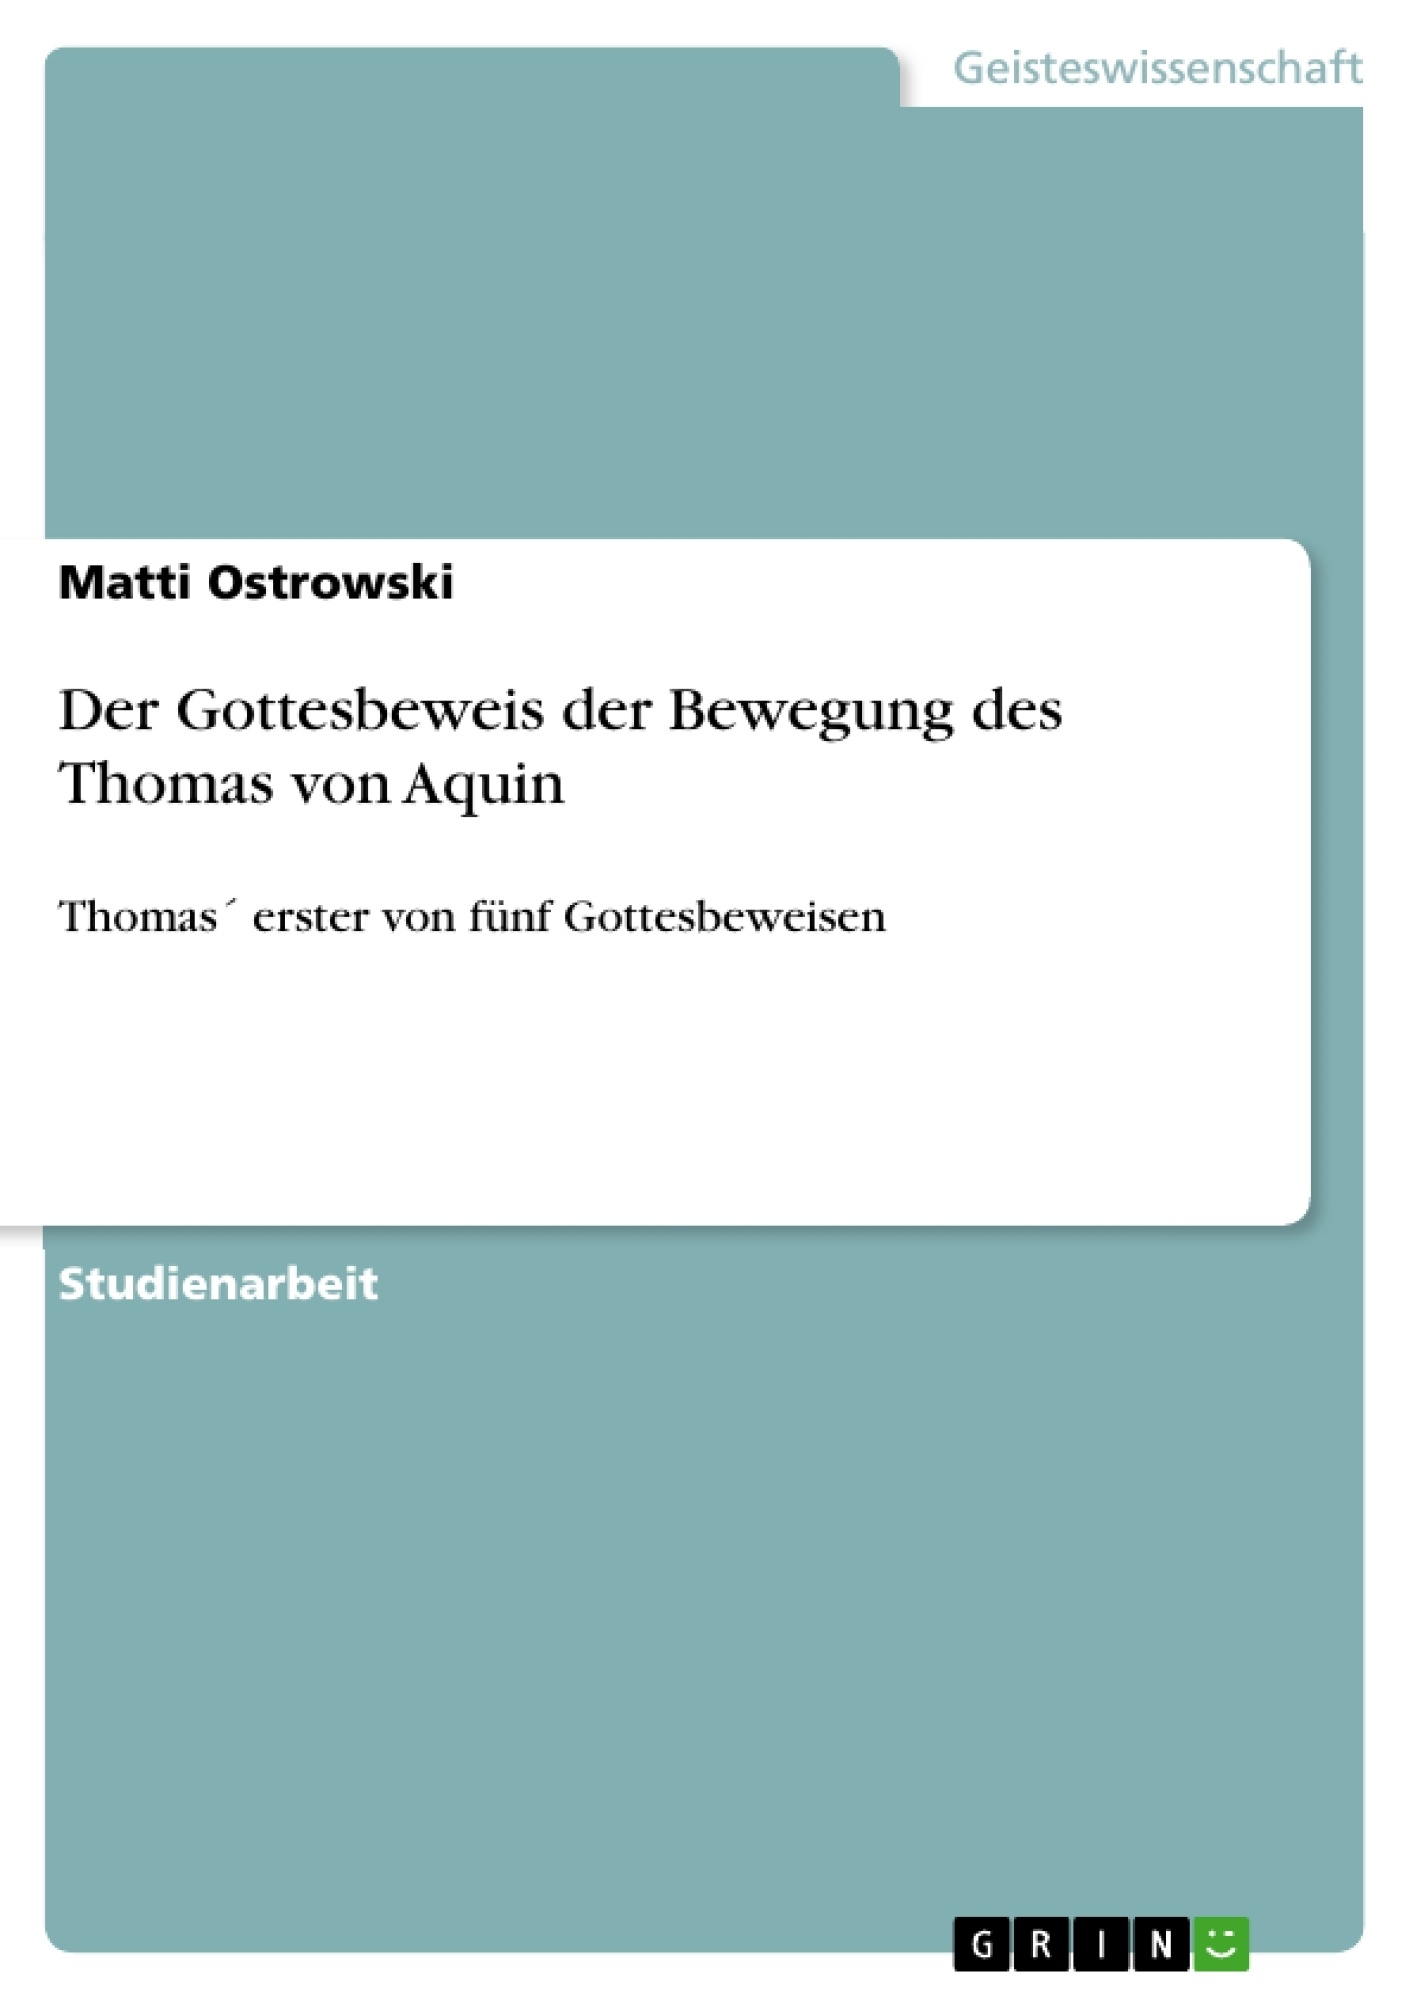 Titel: Der Gottesbeweis der Bewegung des Thomas von Aquin